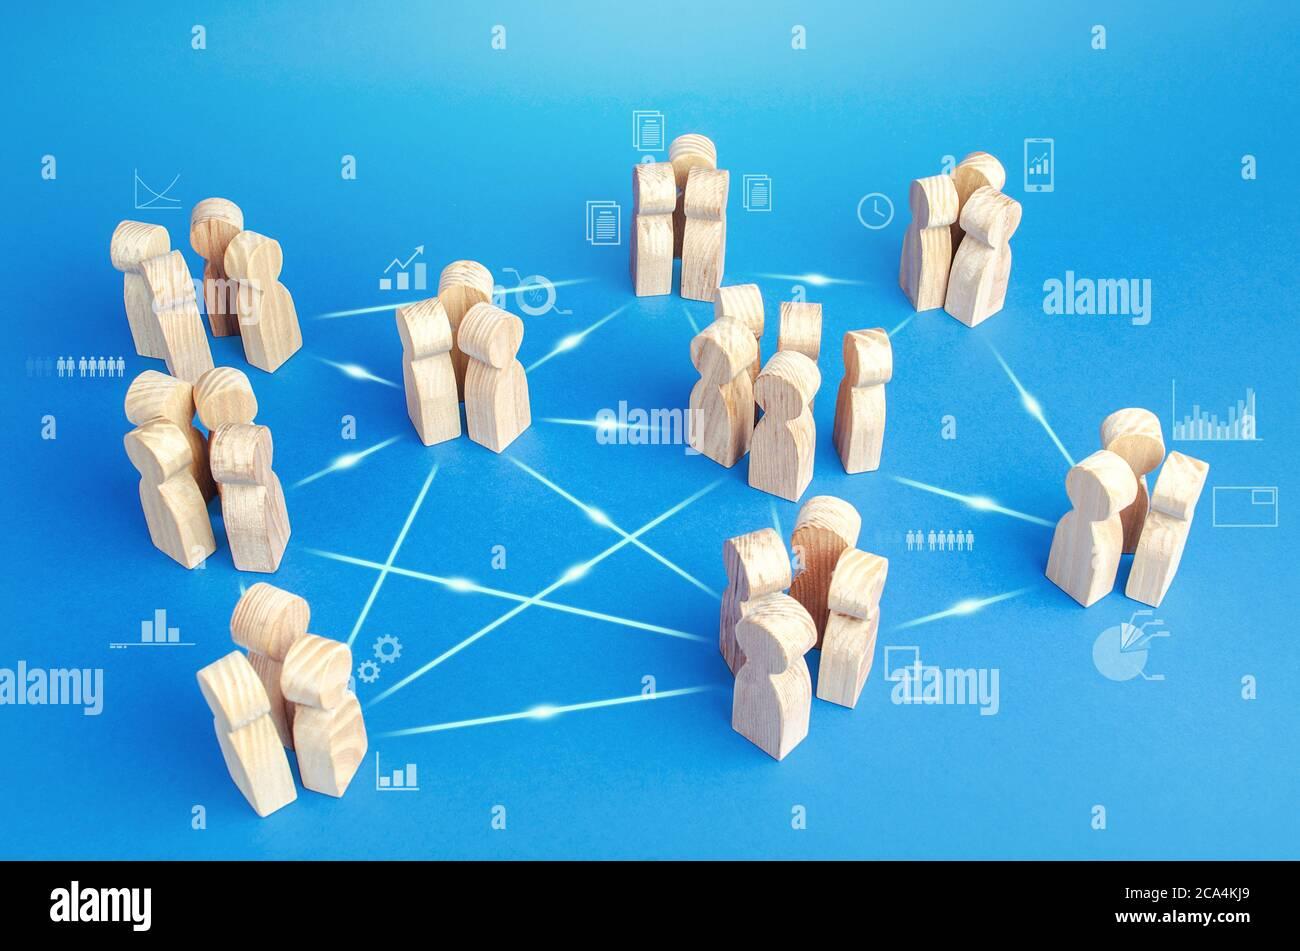 Molti team correlati all'interno dell'azienda lavorano in collaborazione. Coordinamento e condivisione delle conoscenze. Modello di business di gruppi autonomi senza m medio Foto Stock